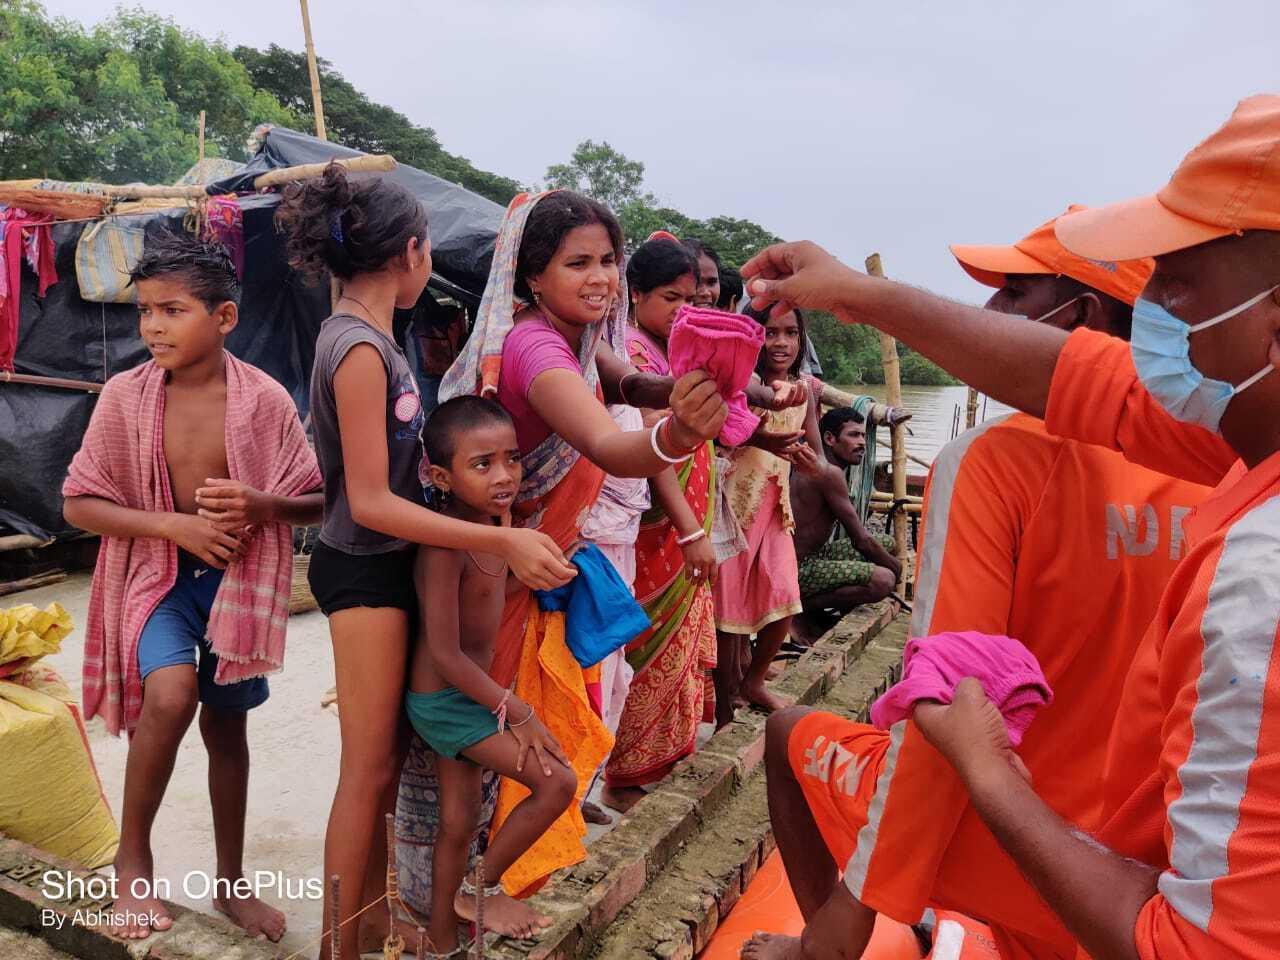 পশ্চিম মেদিনীপুরে আজমনগর গ্রাম পঞ্চায়েতে বন্যাকবলিতদের  ত্রাণ বিতরণ